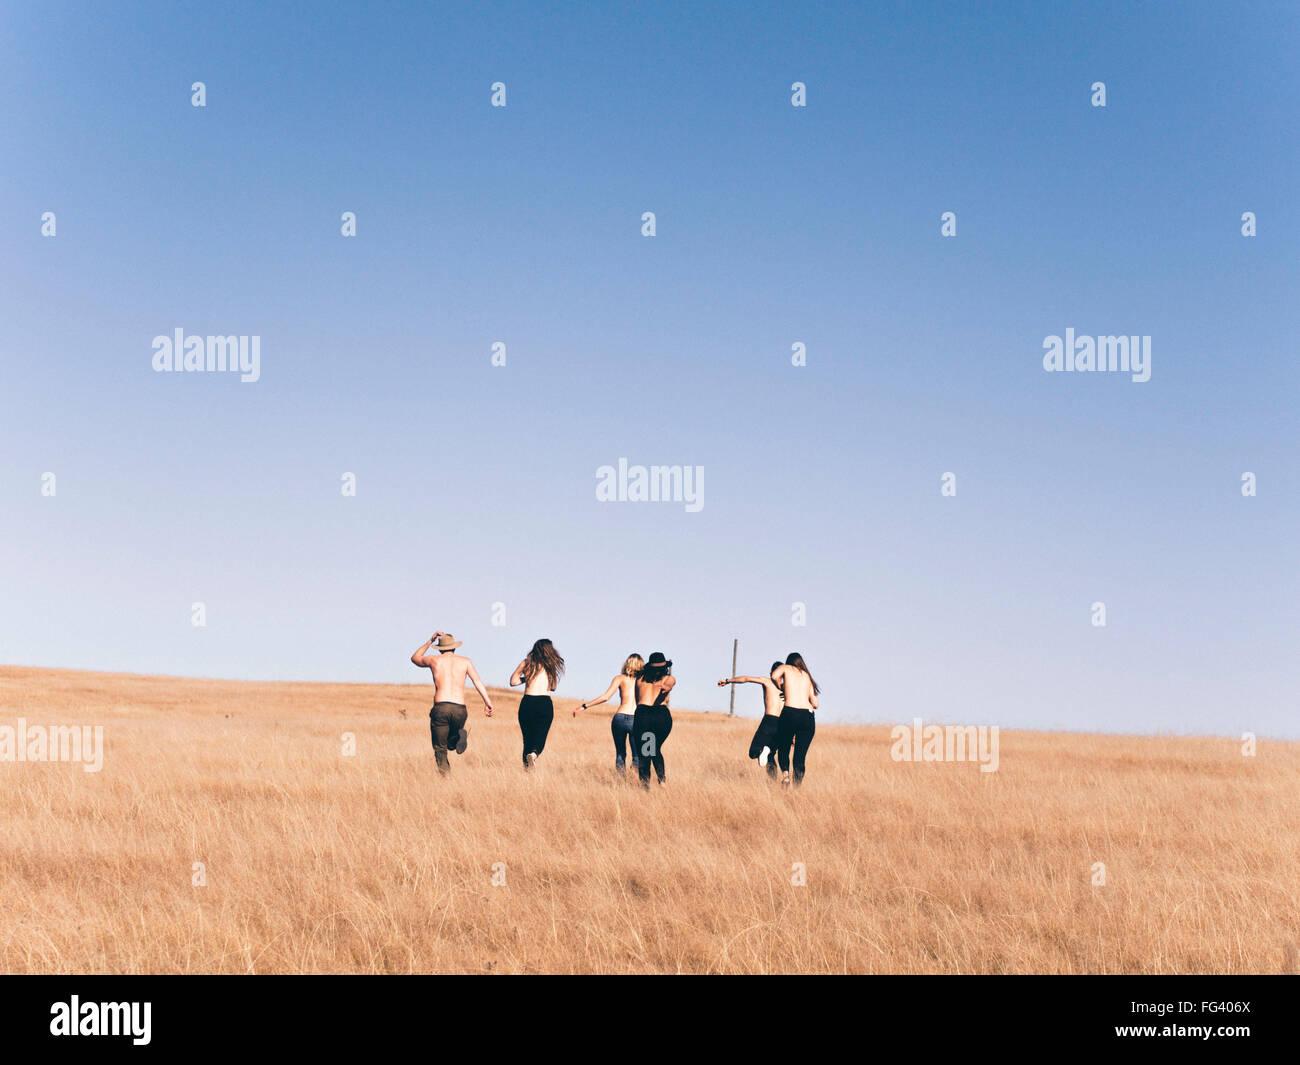 Rückansicht von Männern und Frauen laufen auf Feld gegen klaren Himmel Stockbild